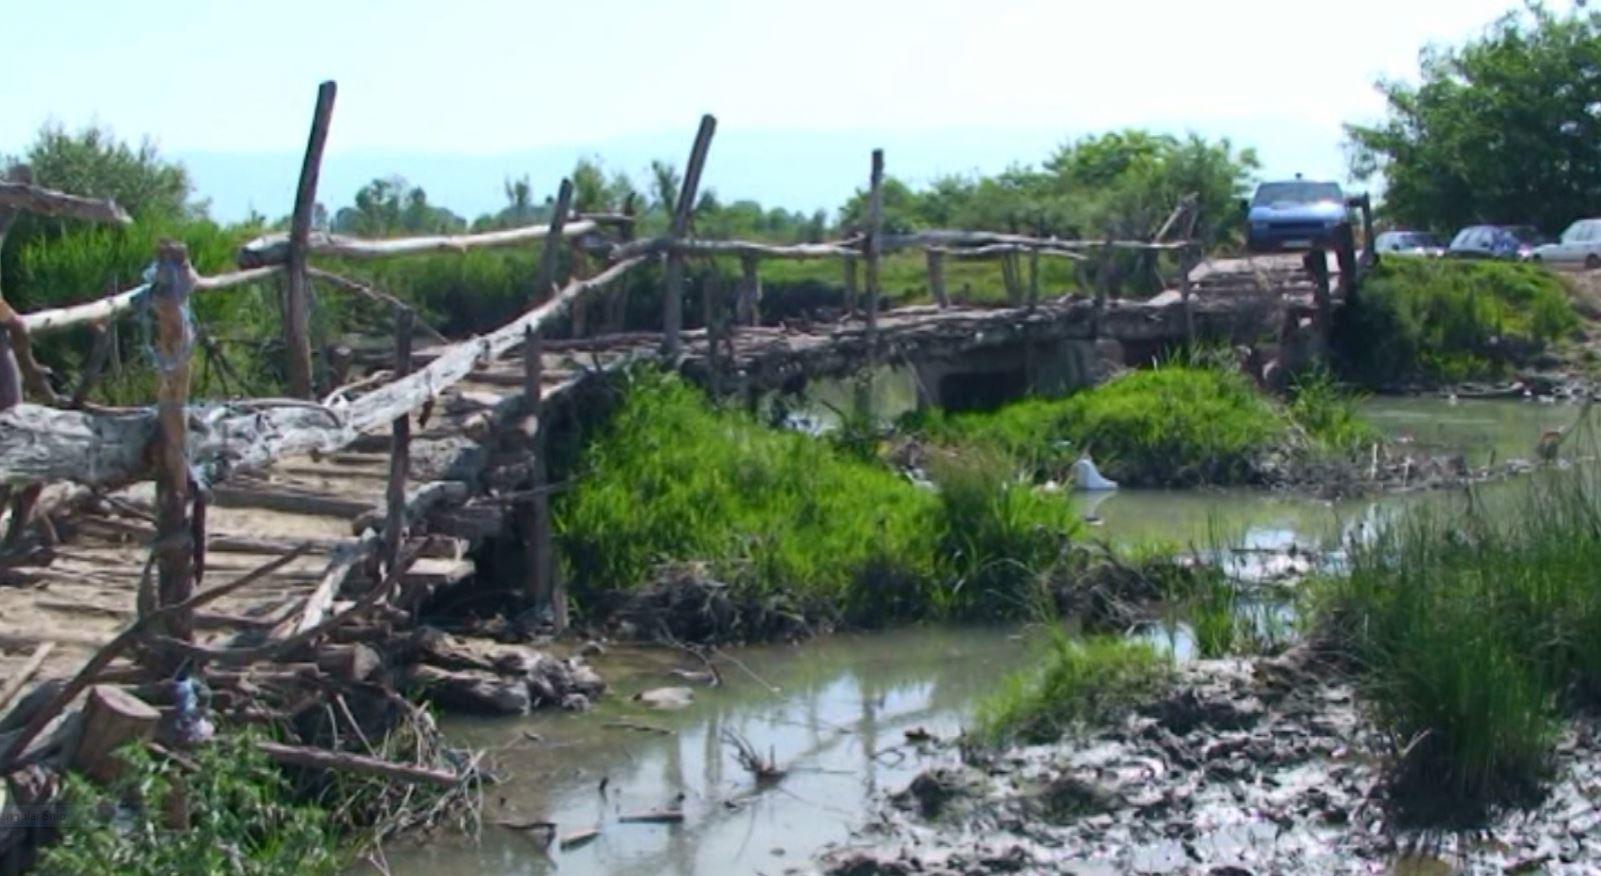 Plazhi i Gotullës në Adriatik të Kurbinit, nga mrekulli e natyrës në ferr mbetjesh